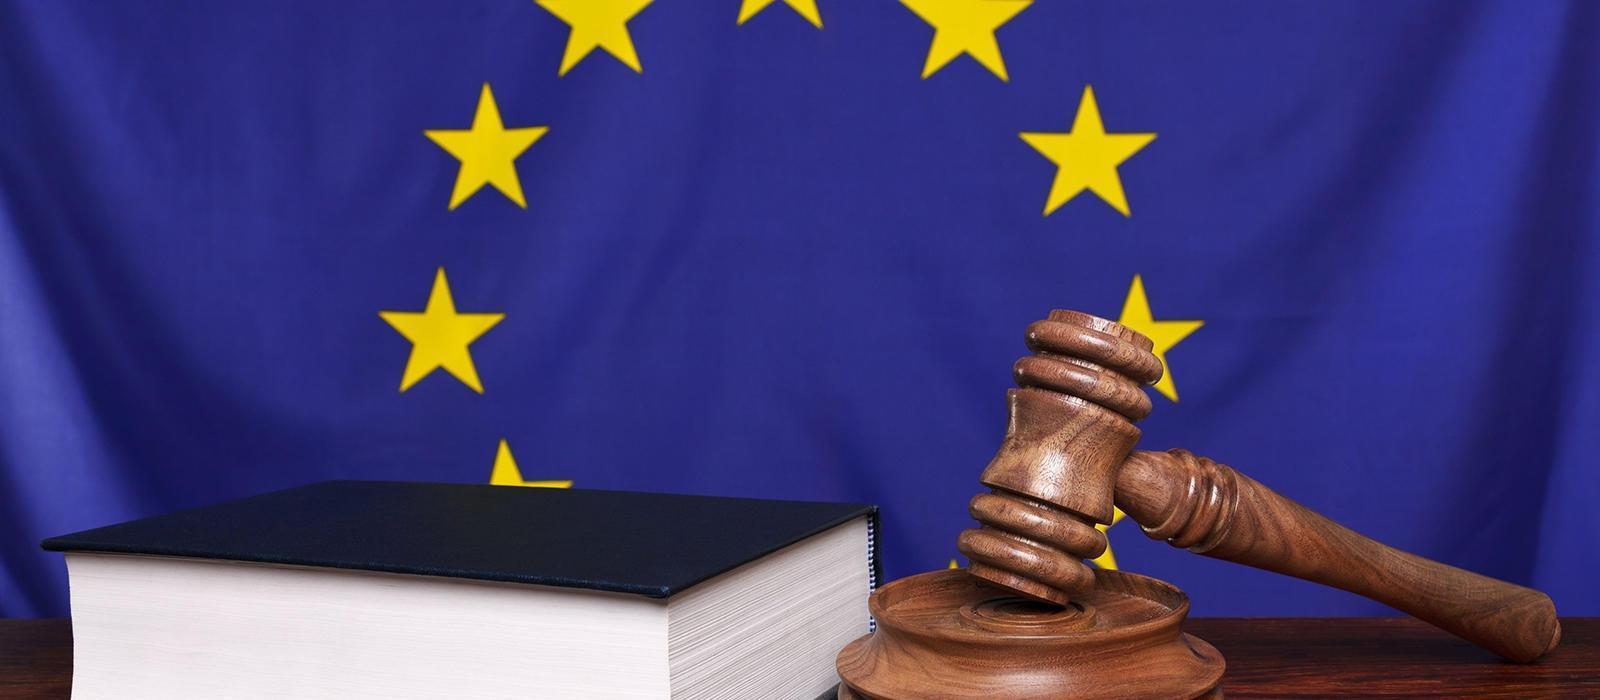 Βόζεμπεργκ_ευρωβουλευτής_παρέμβαση_προστασία_θυμάτων_εγκληματικές_ενέργειες_νομοθεσία_αυστηρή_ΕΕ_οδηγία_χώρες